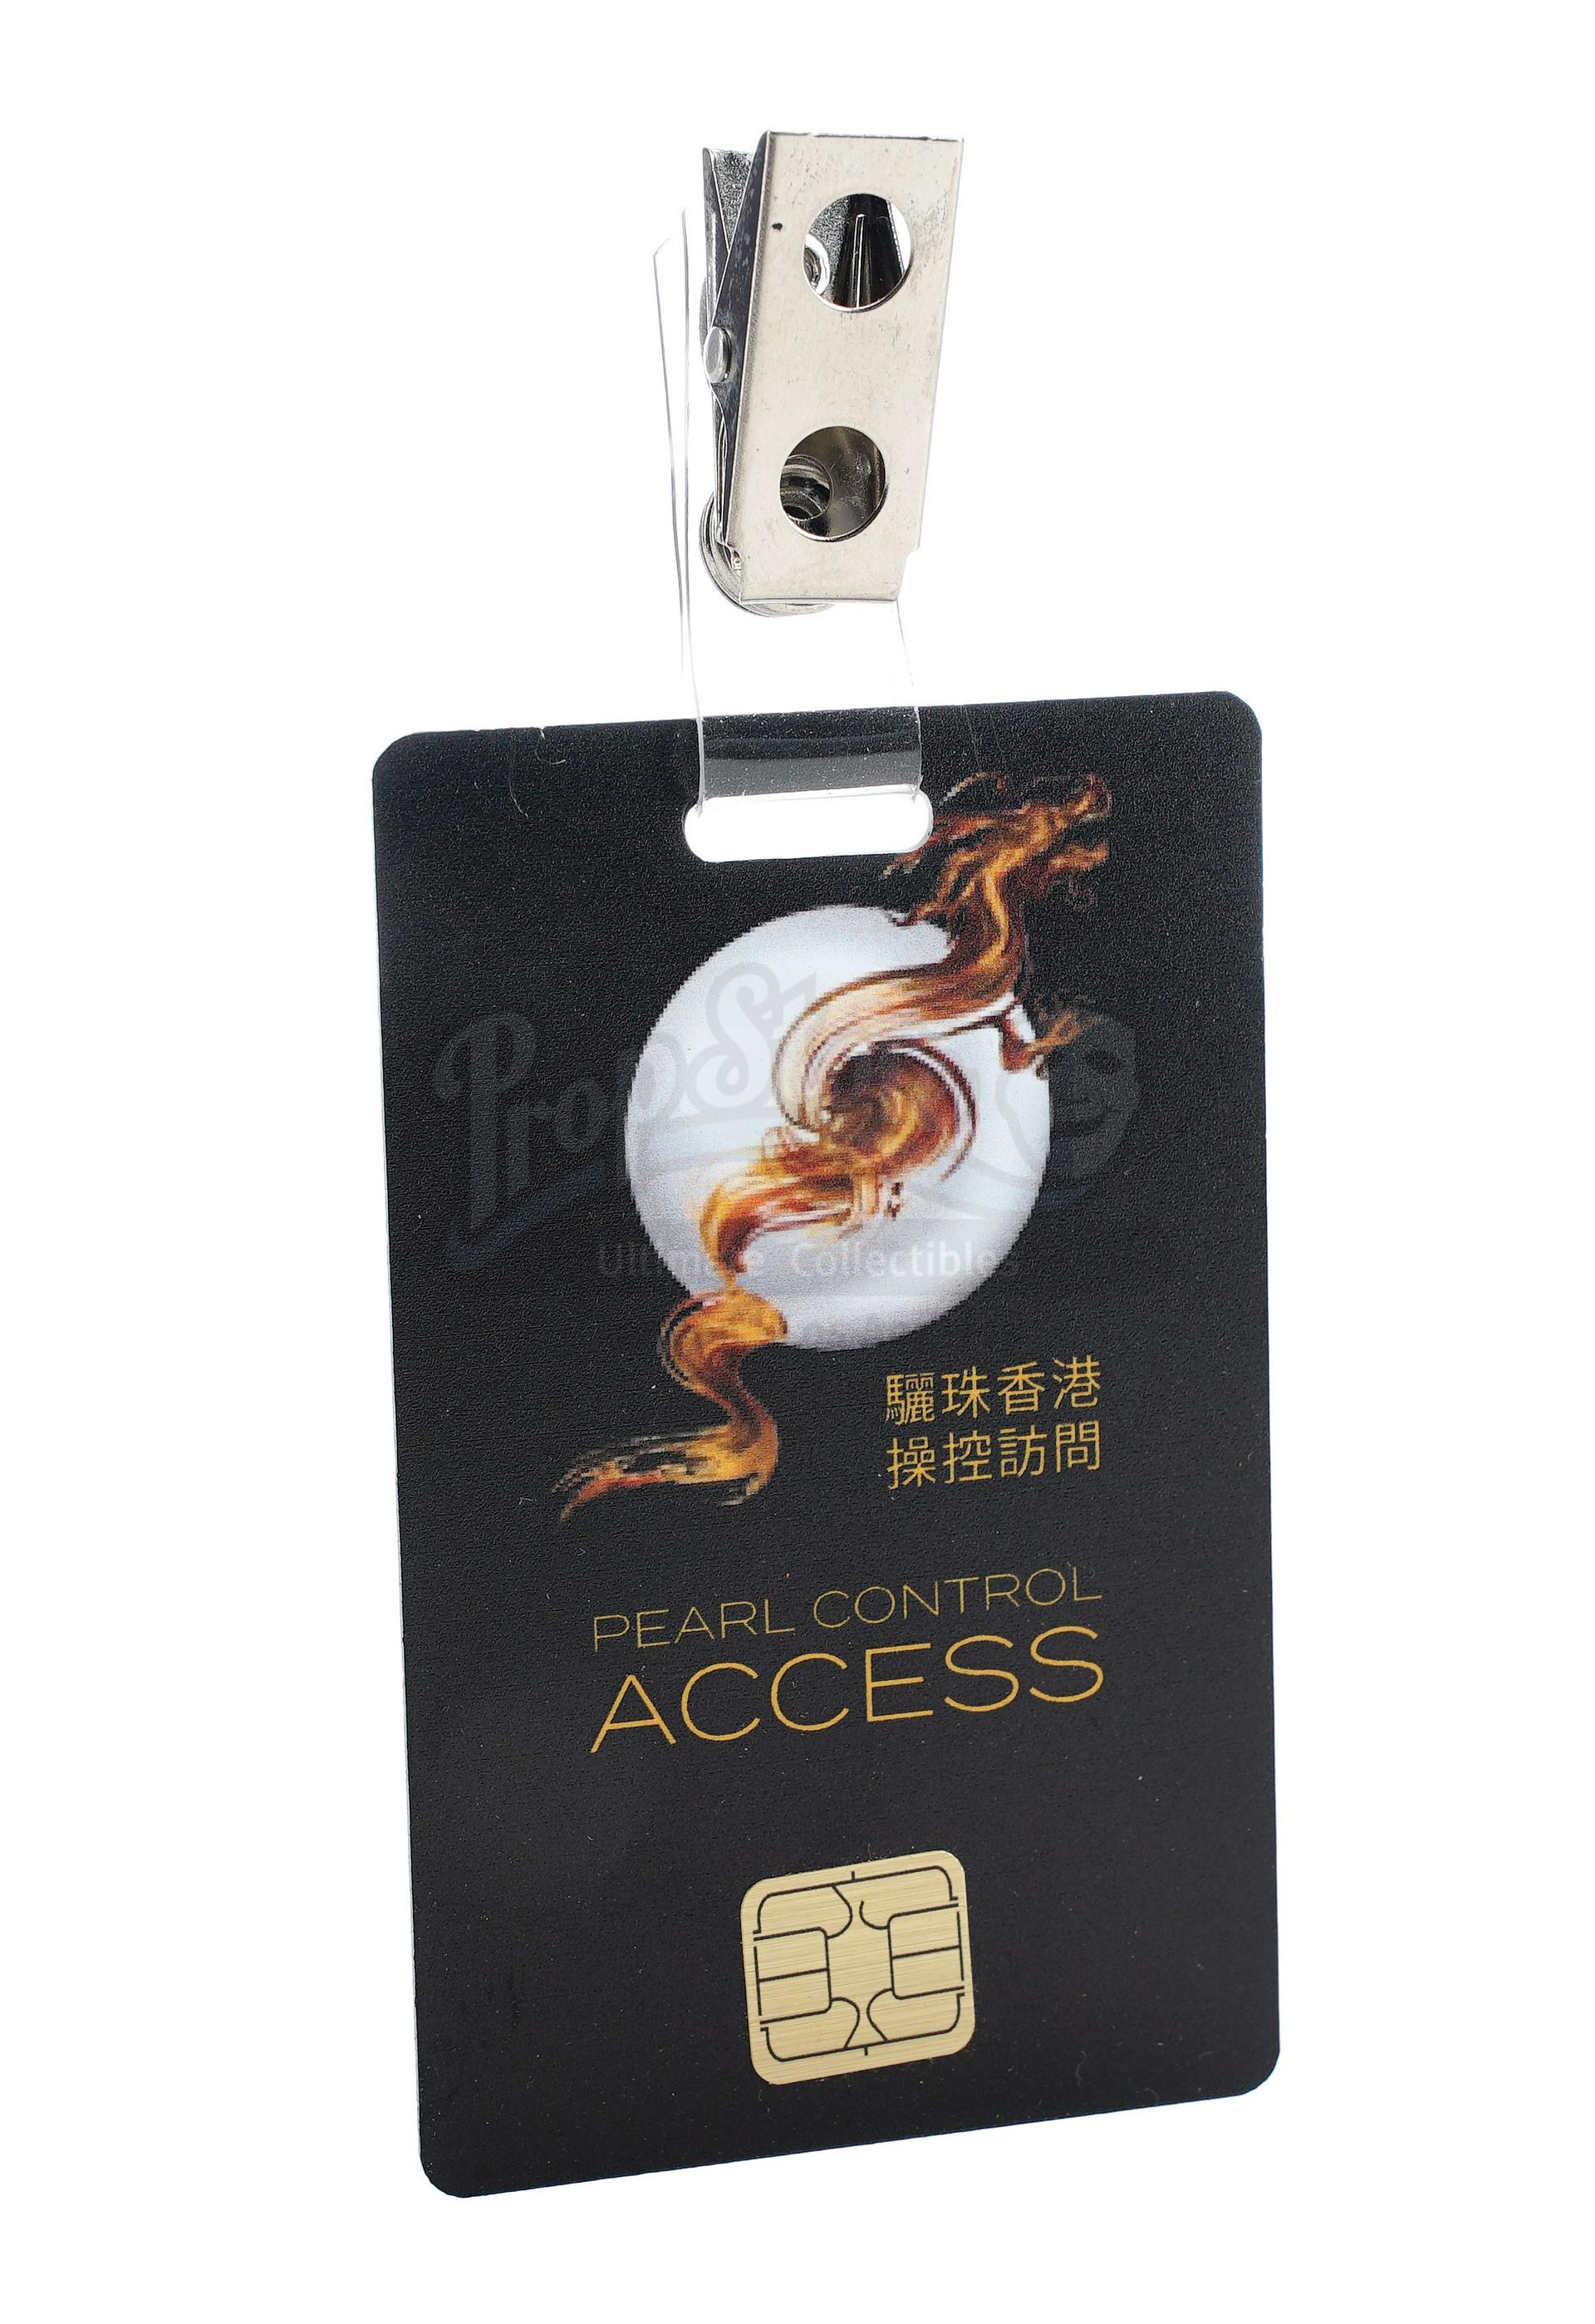 Lot # 1018: SKYSCRAPER - Zhao Long Ji's (Chin Han) Non-Functioning Flash Drive and Pearl Employee Ac - Image 7 of 9